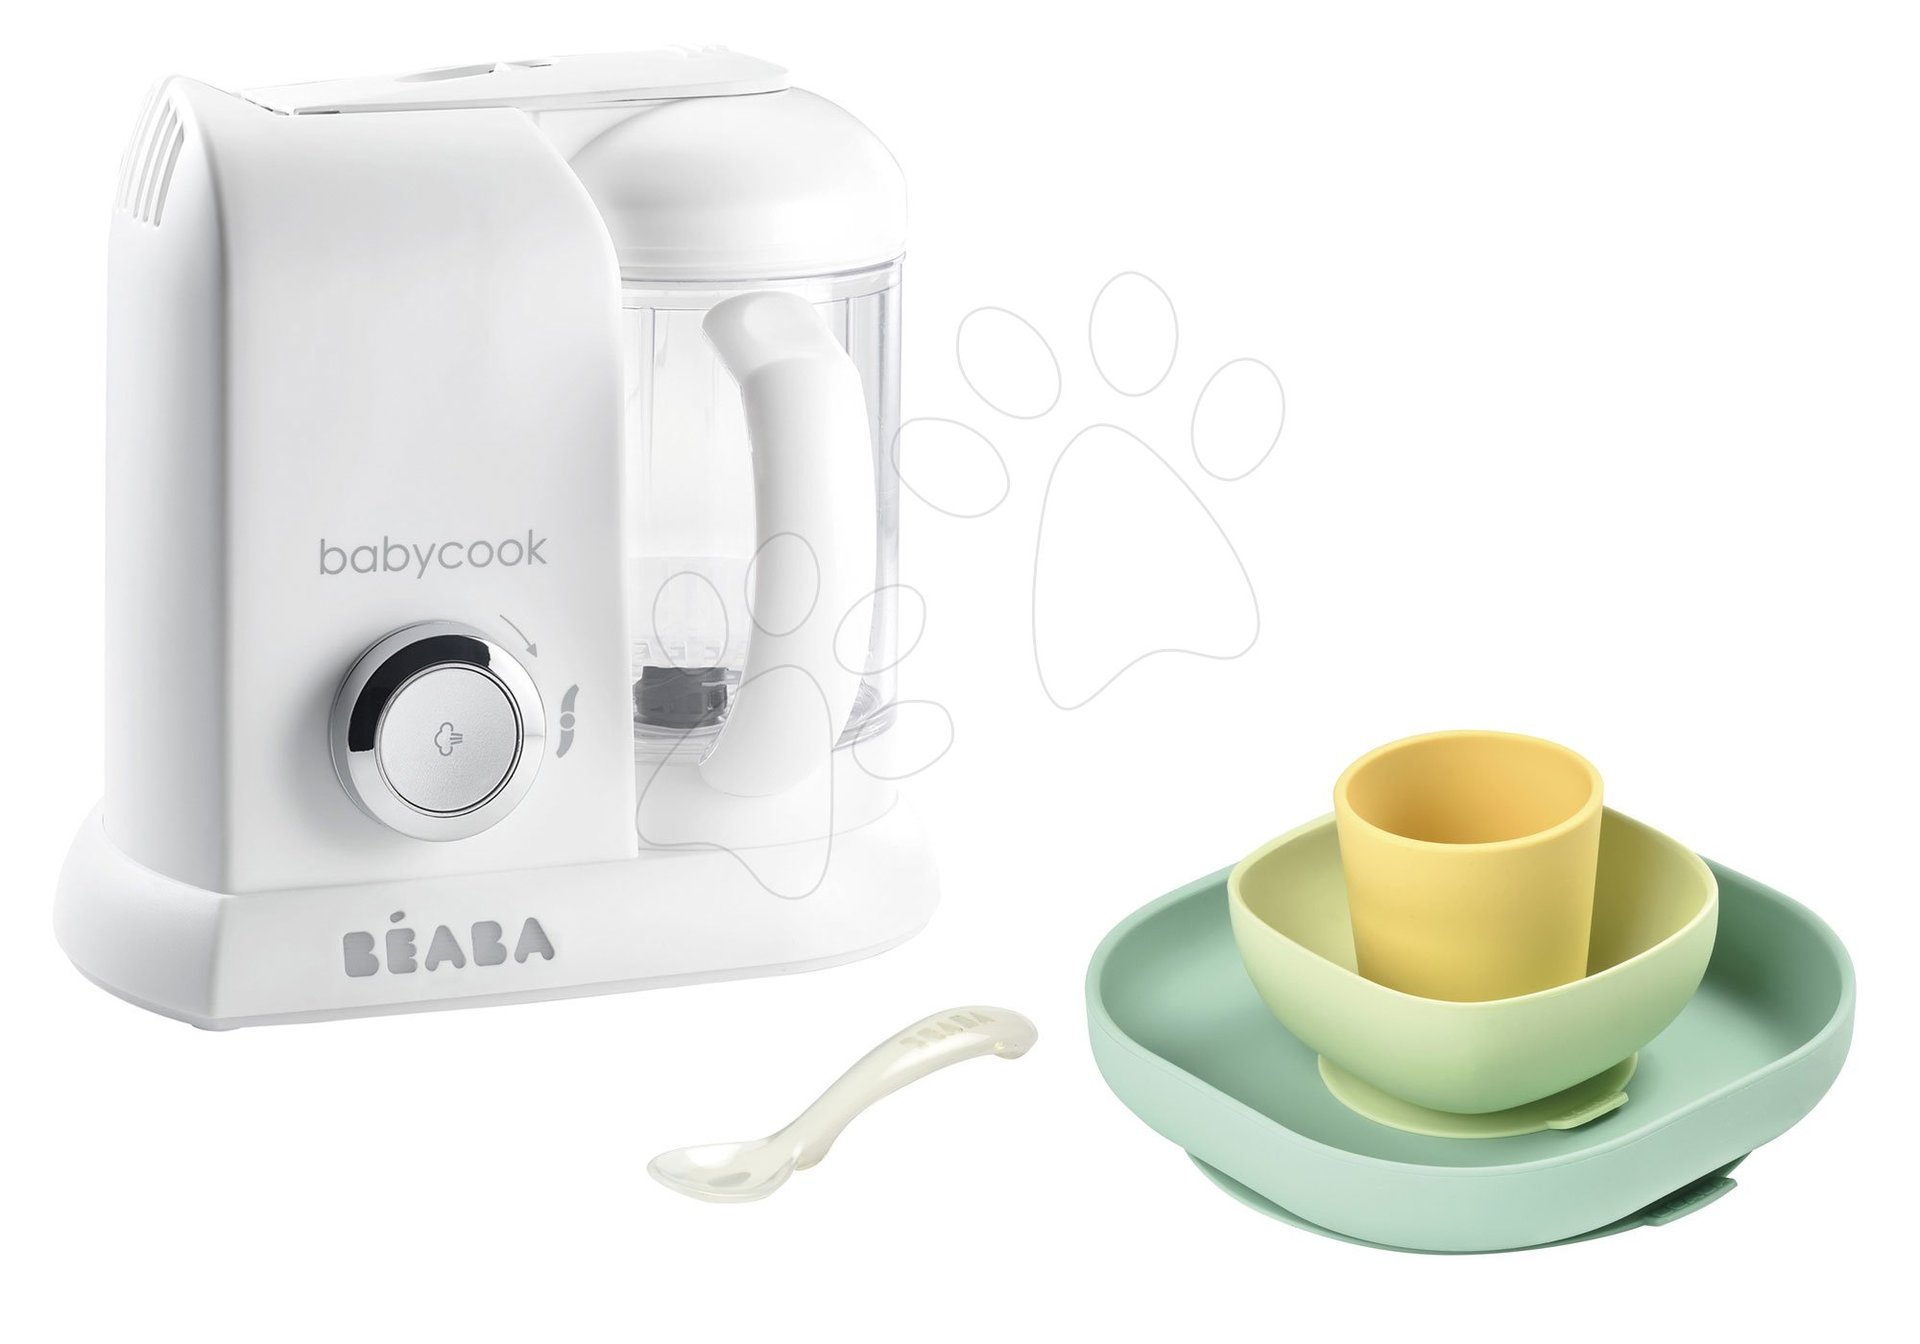 Set parní vařič a mixér Babycook® Solo white silver Beaba + dárek jídelní souprava Silicone meal 4-dílná od 0 měs